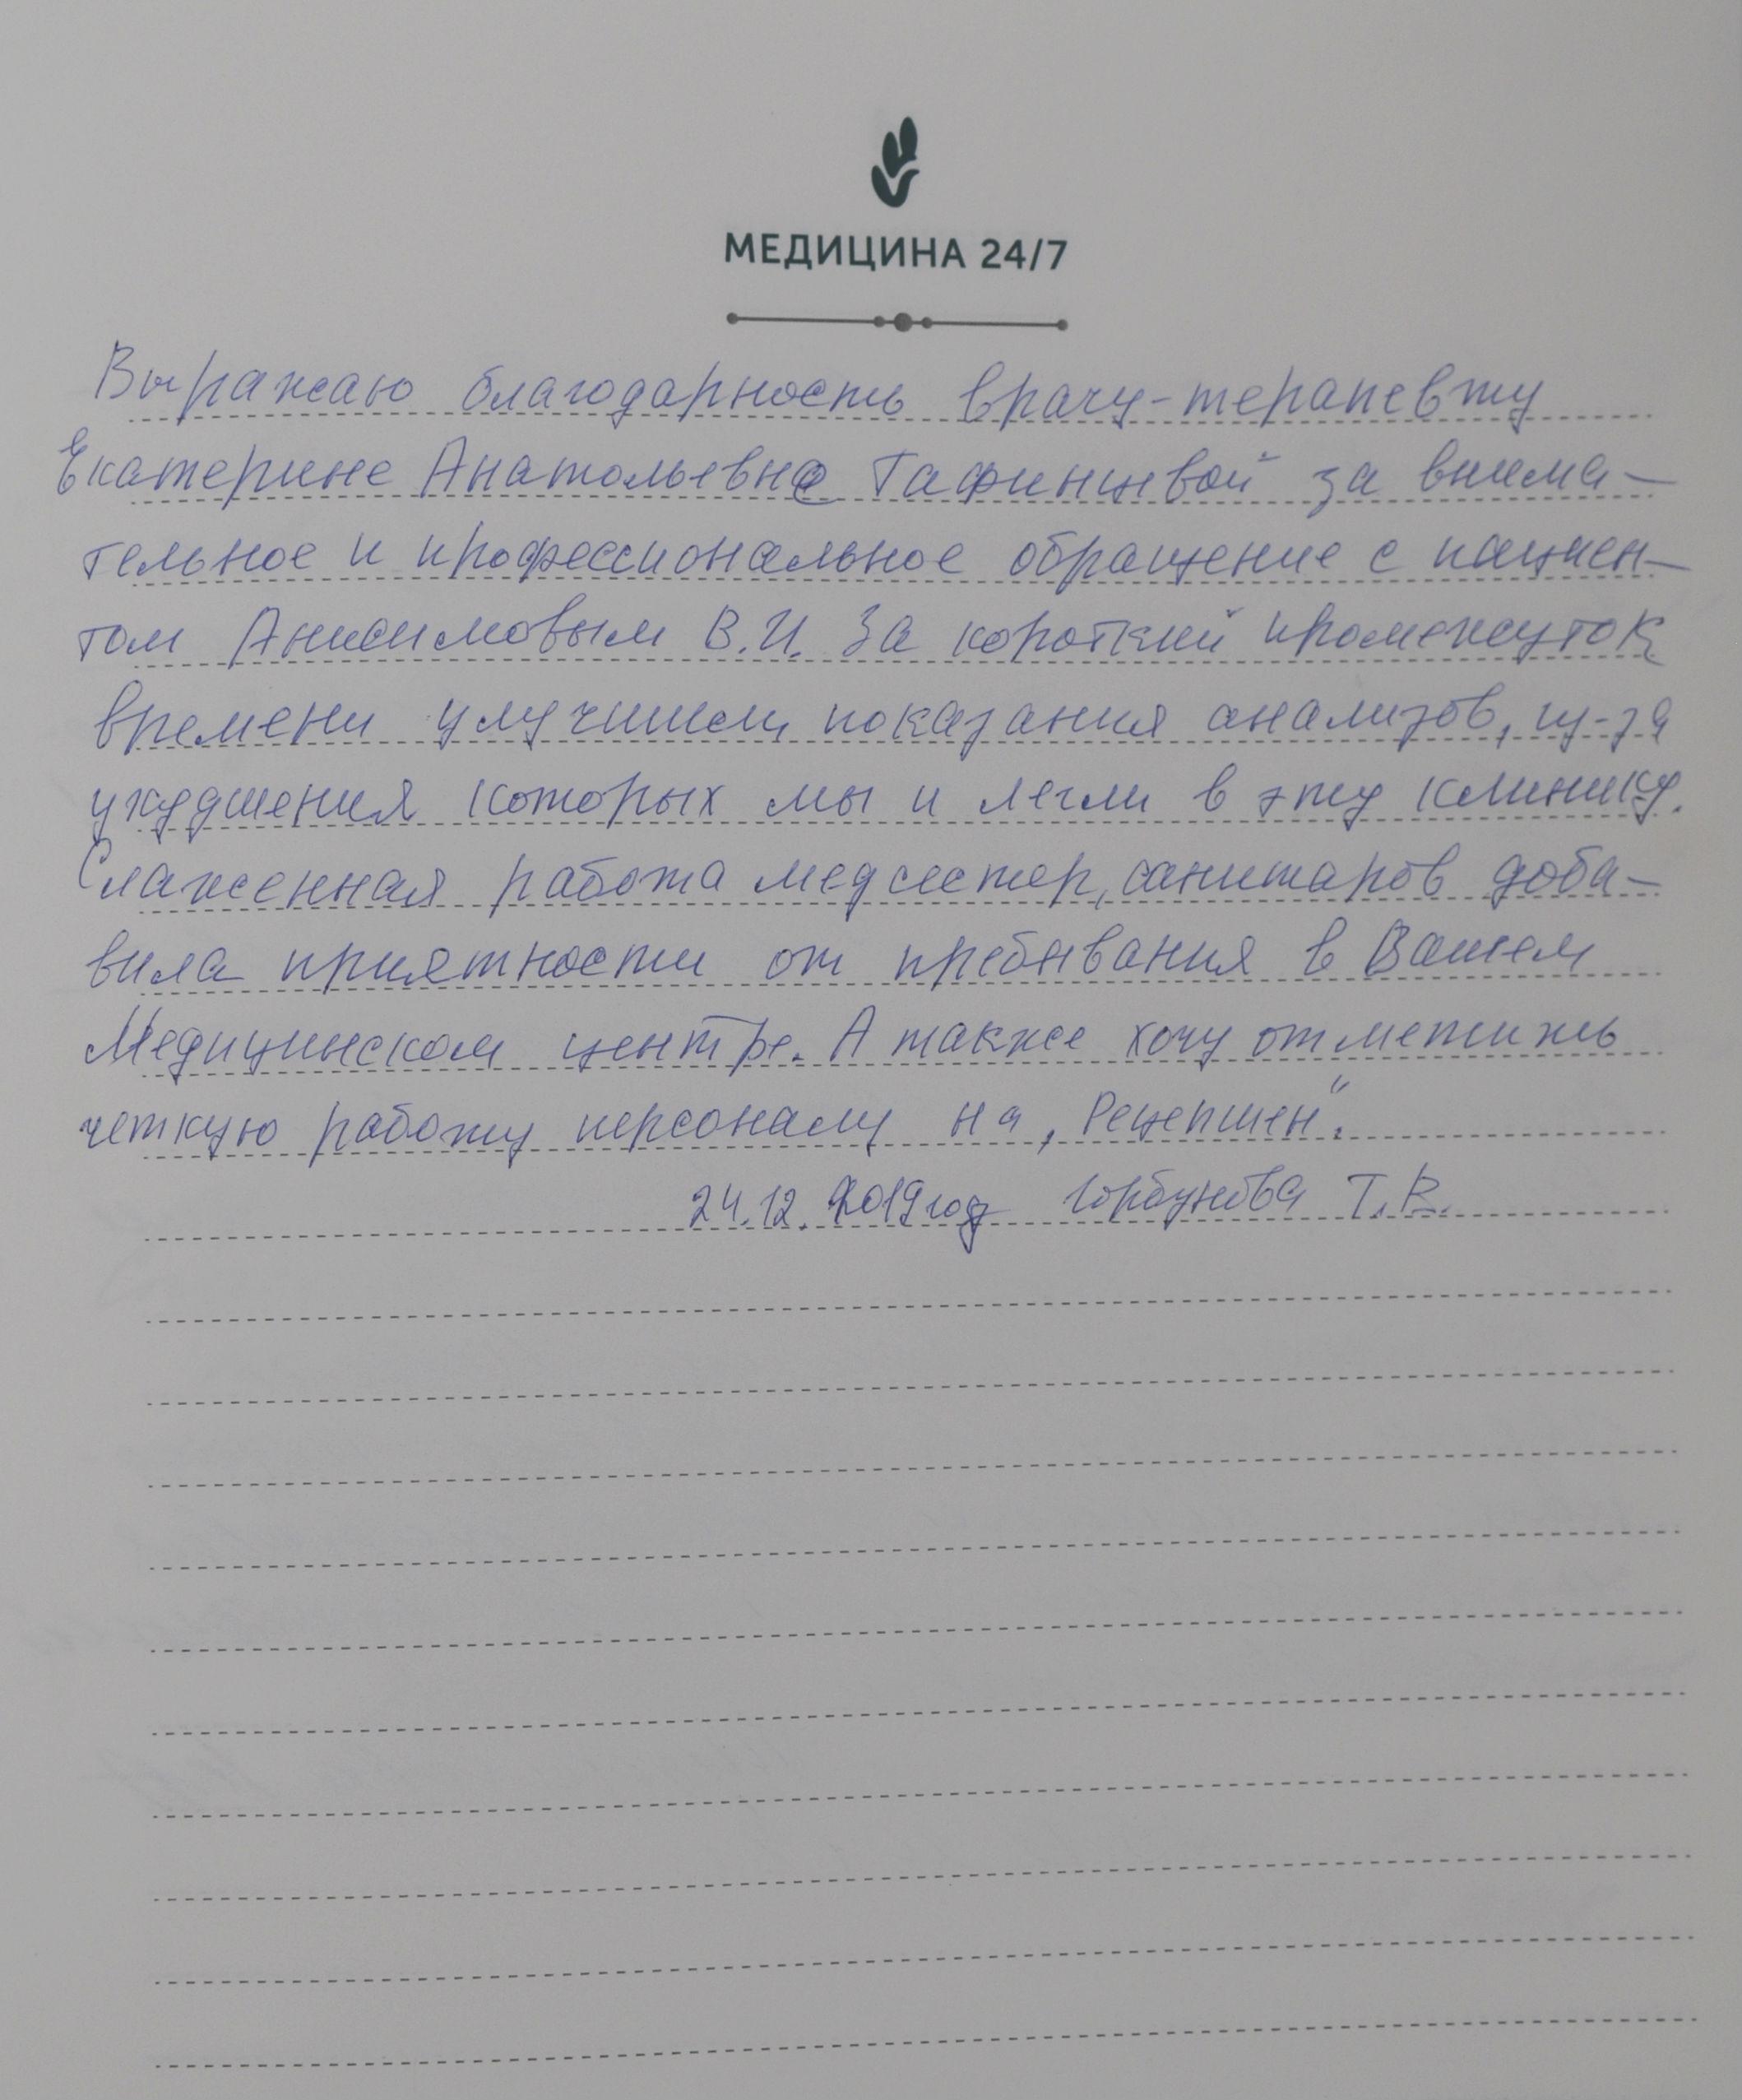 otzyv_01_192